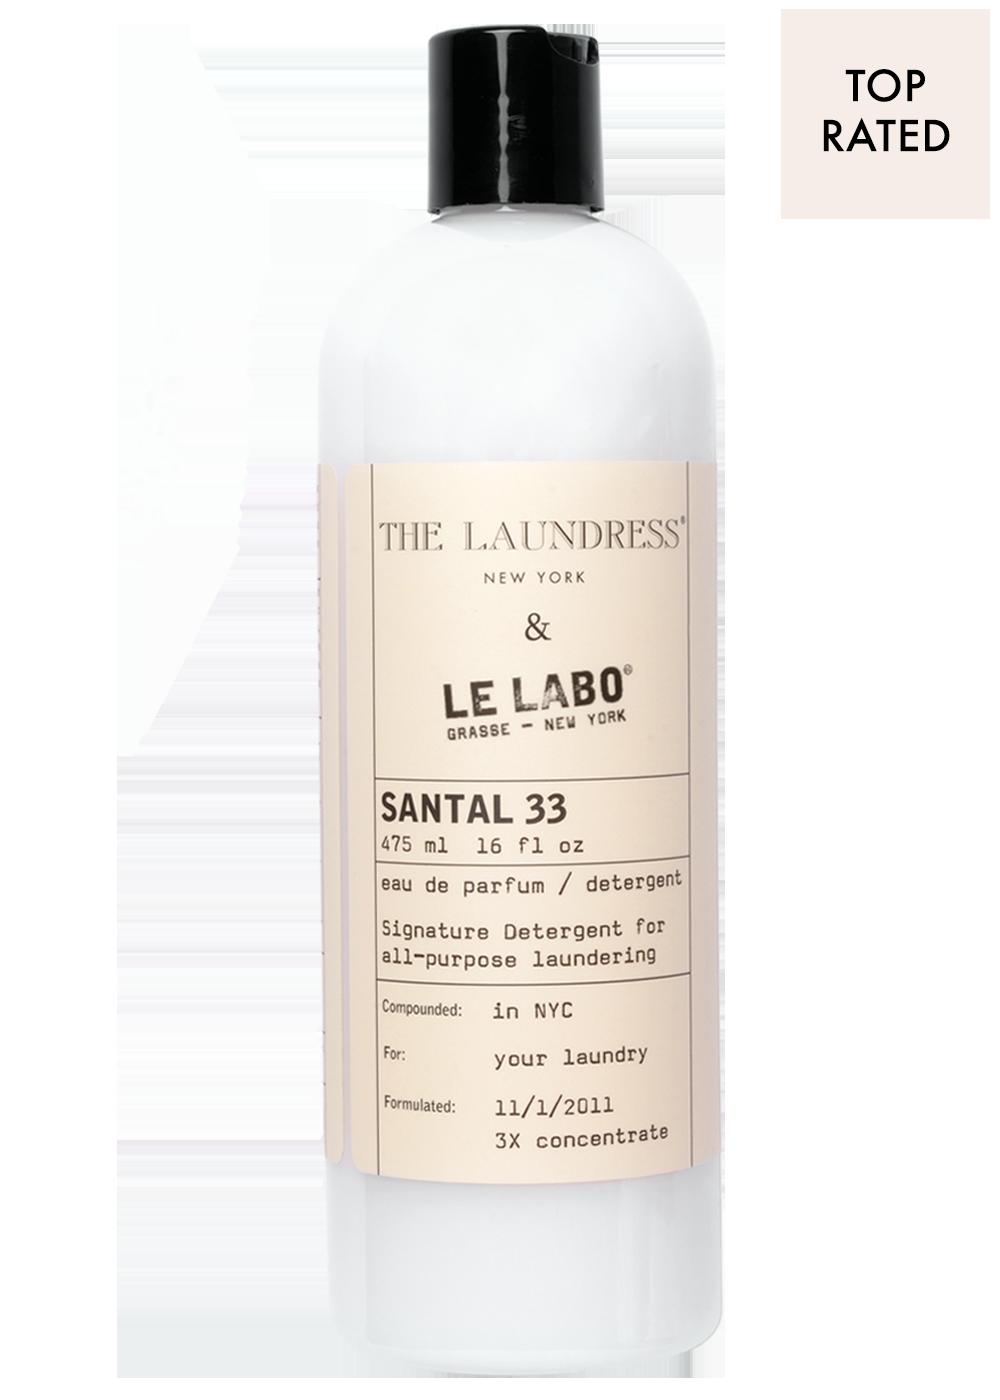 Le Labo Santal 33 Detergent-2